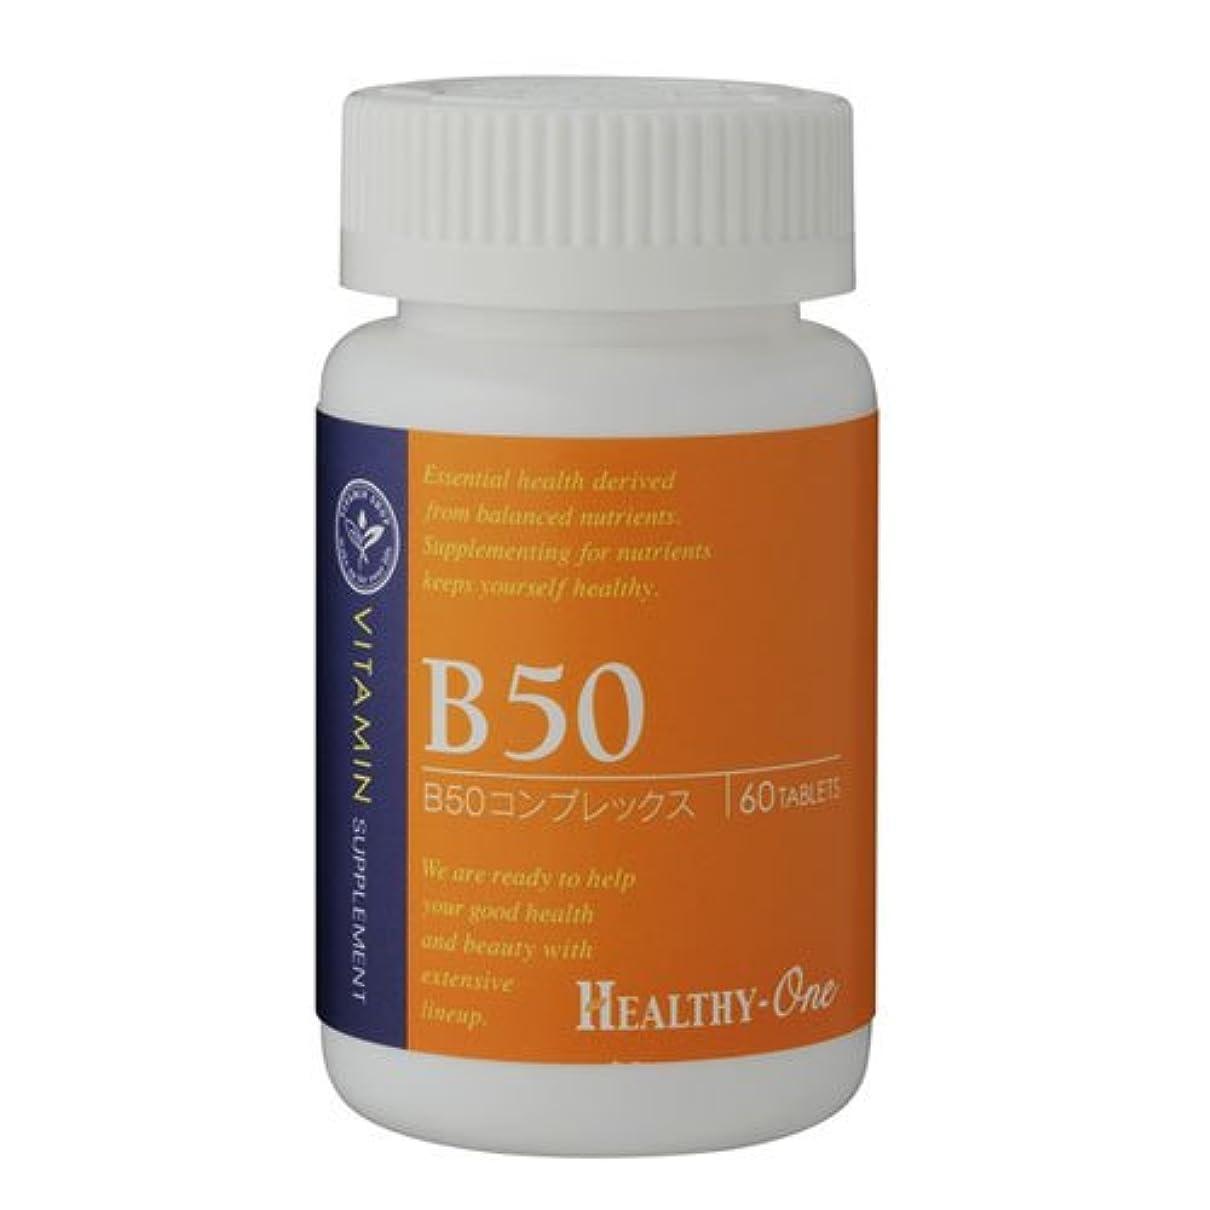 以前は援助教科書【栄養士常駐】 ビタミンB50 60粒 30~60日分 サプリメント専門店ヘルシーワン(国内17店舗展開)TELでお気軽に相談ください